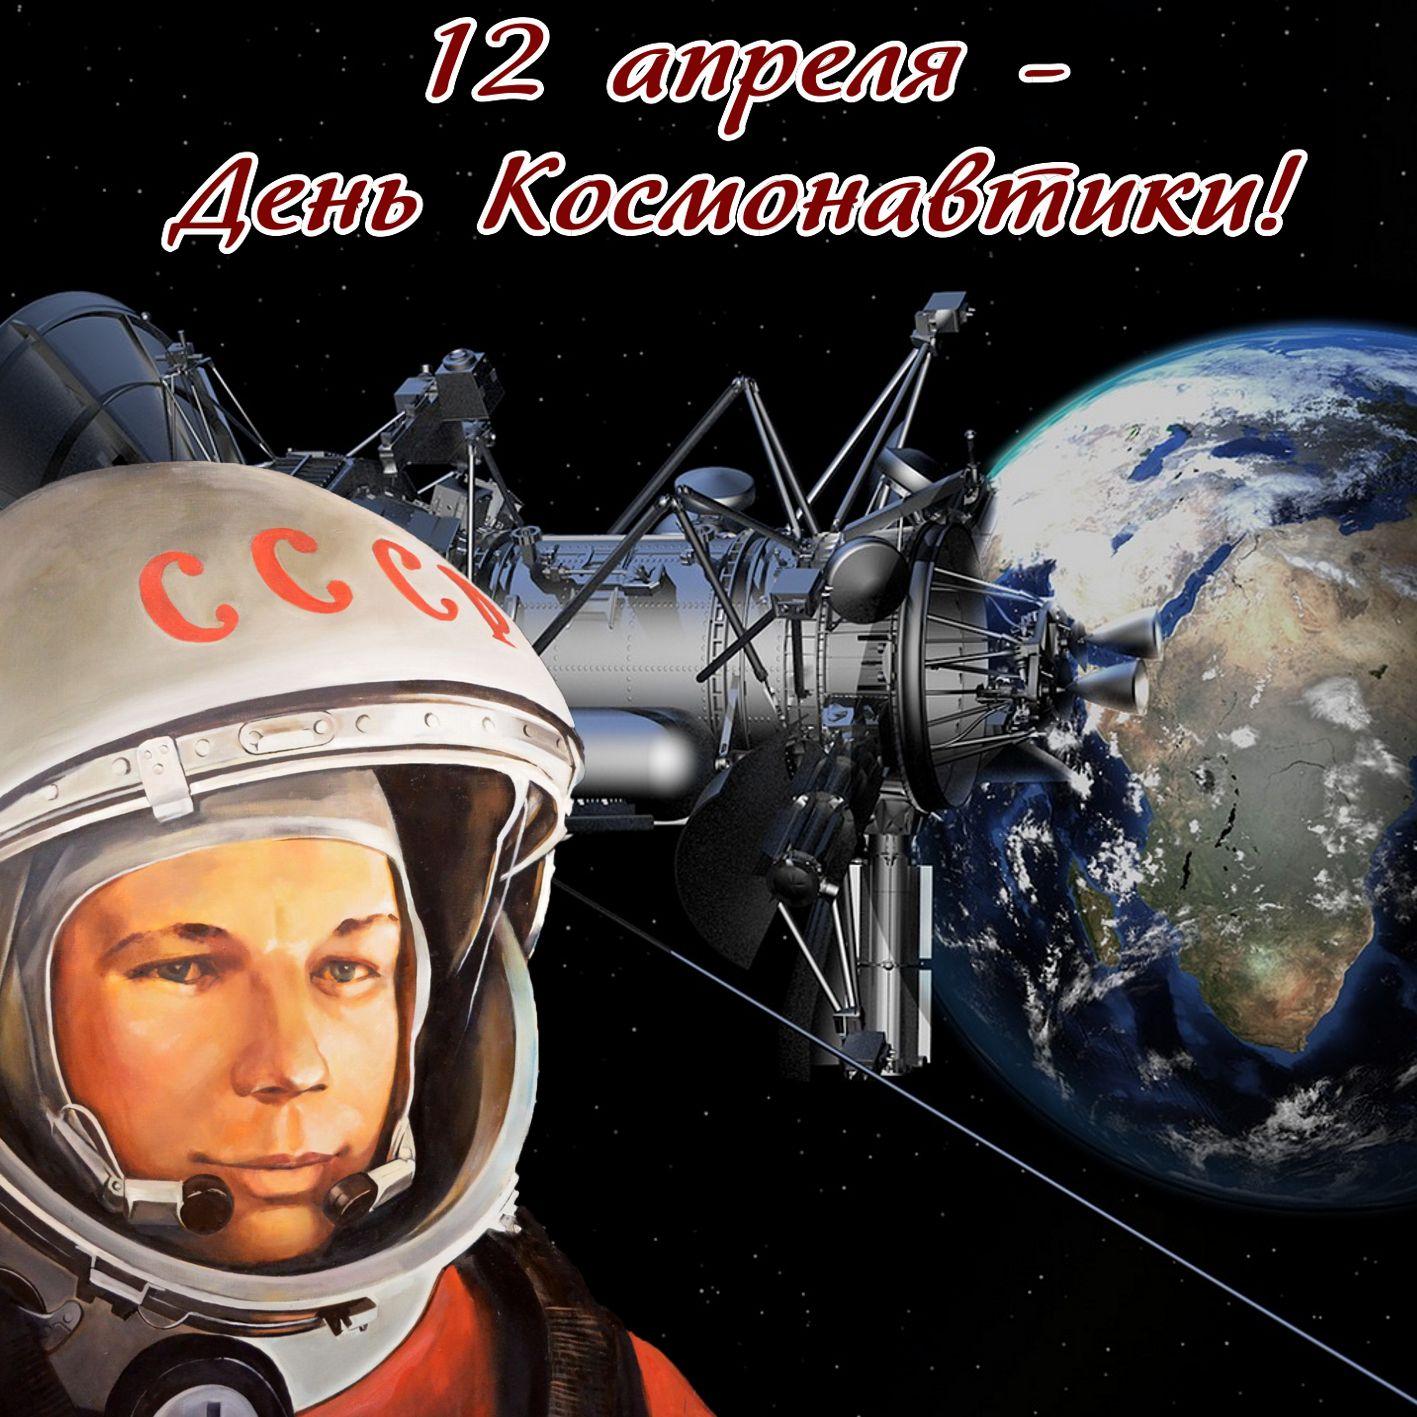 Открытка на День Космонавтики - космический корабль и Юрий Гагарин